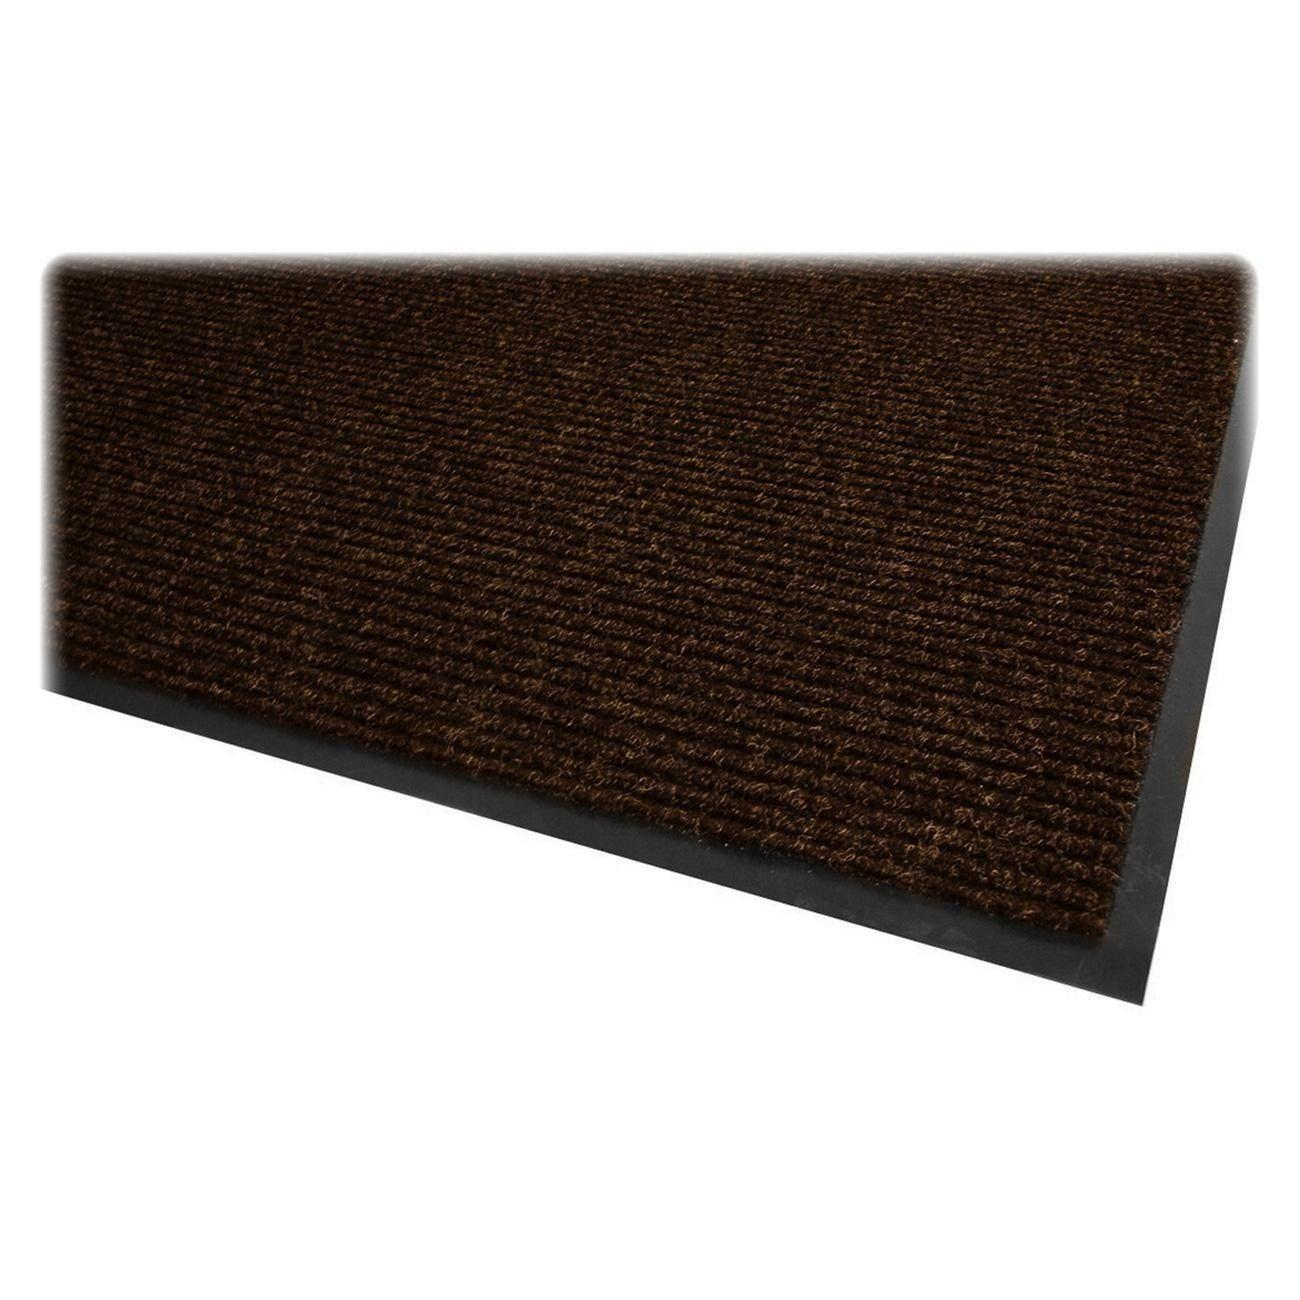 60 in. x 36 in. Indoor Door Mat Indoor door mats, Floor